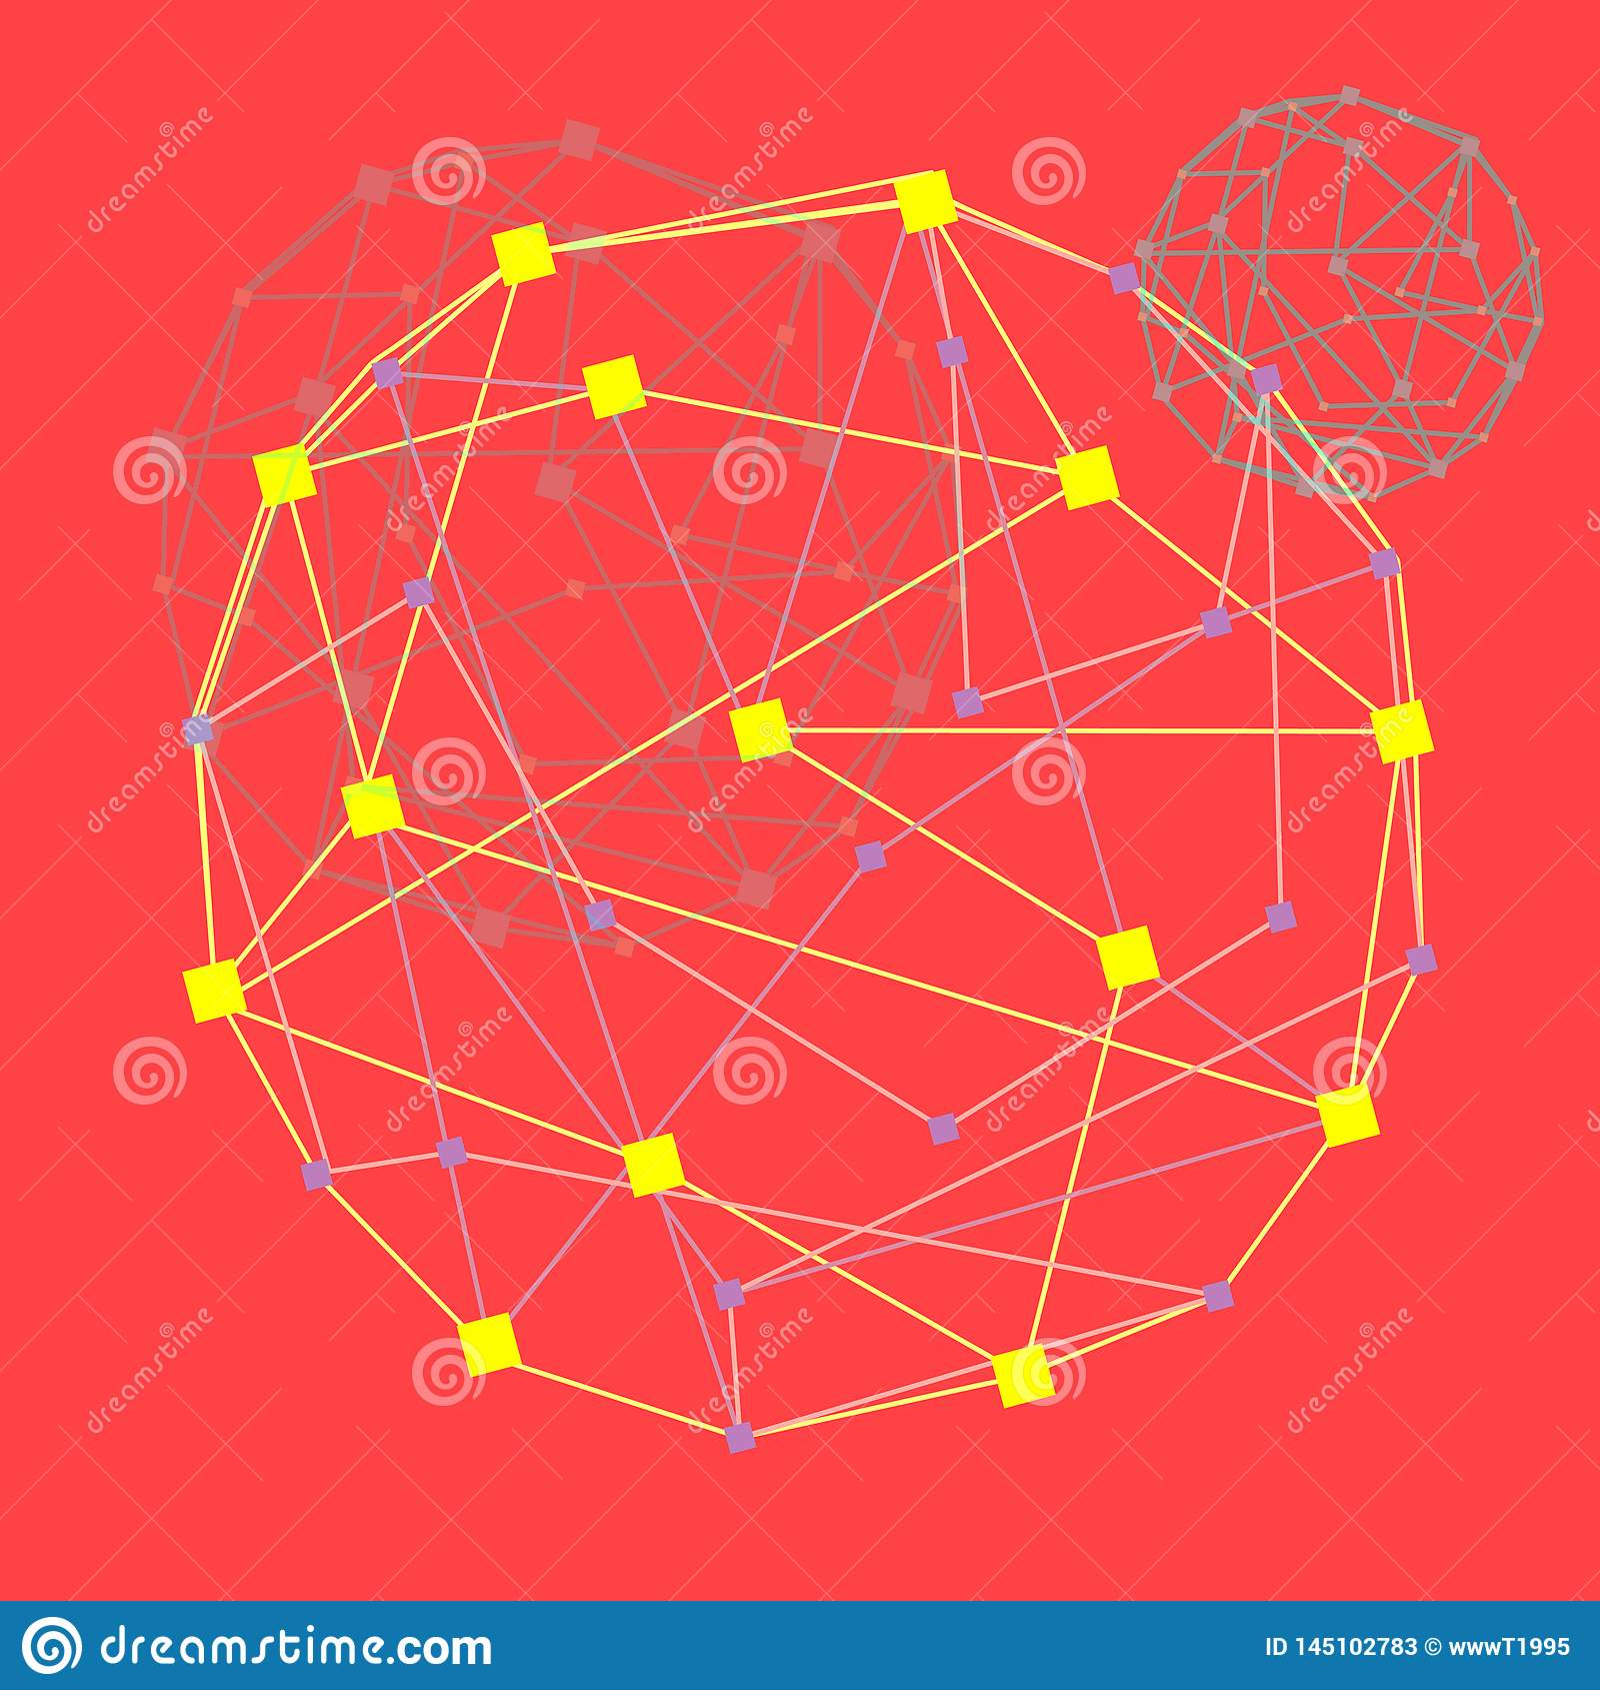 E Тоннель кибер круга цвета, футуристическая абстрактная предпосылка, иллюстрация вектора